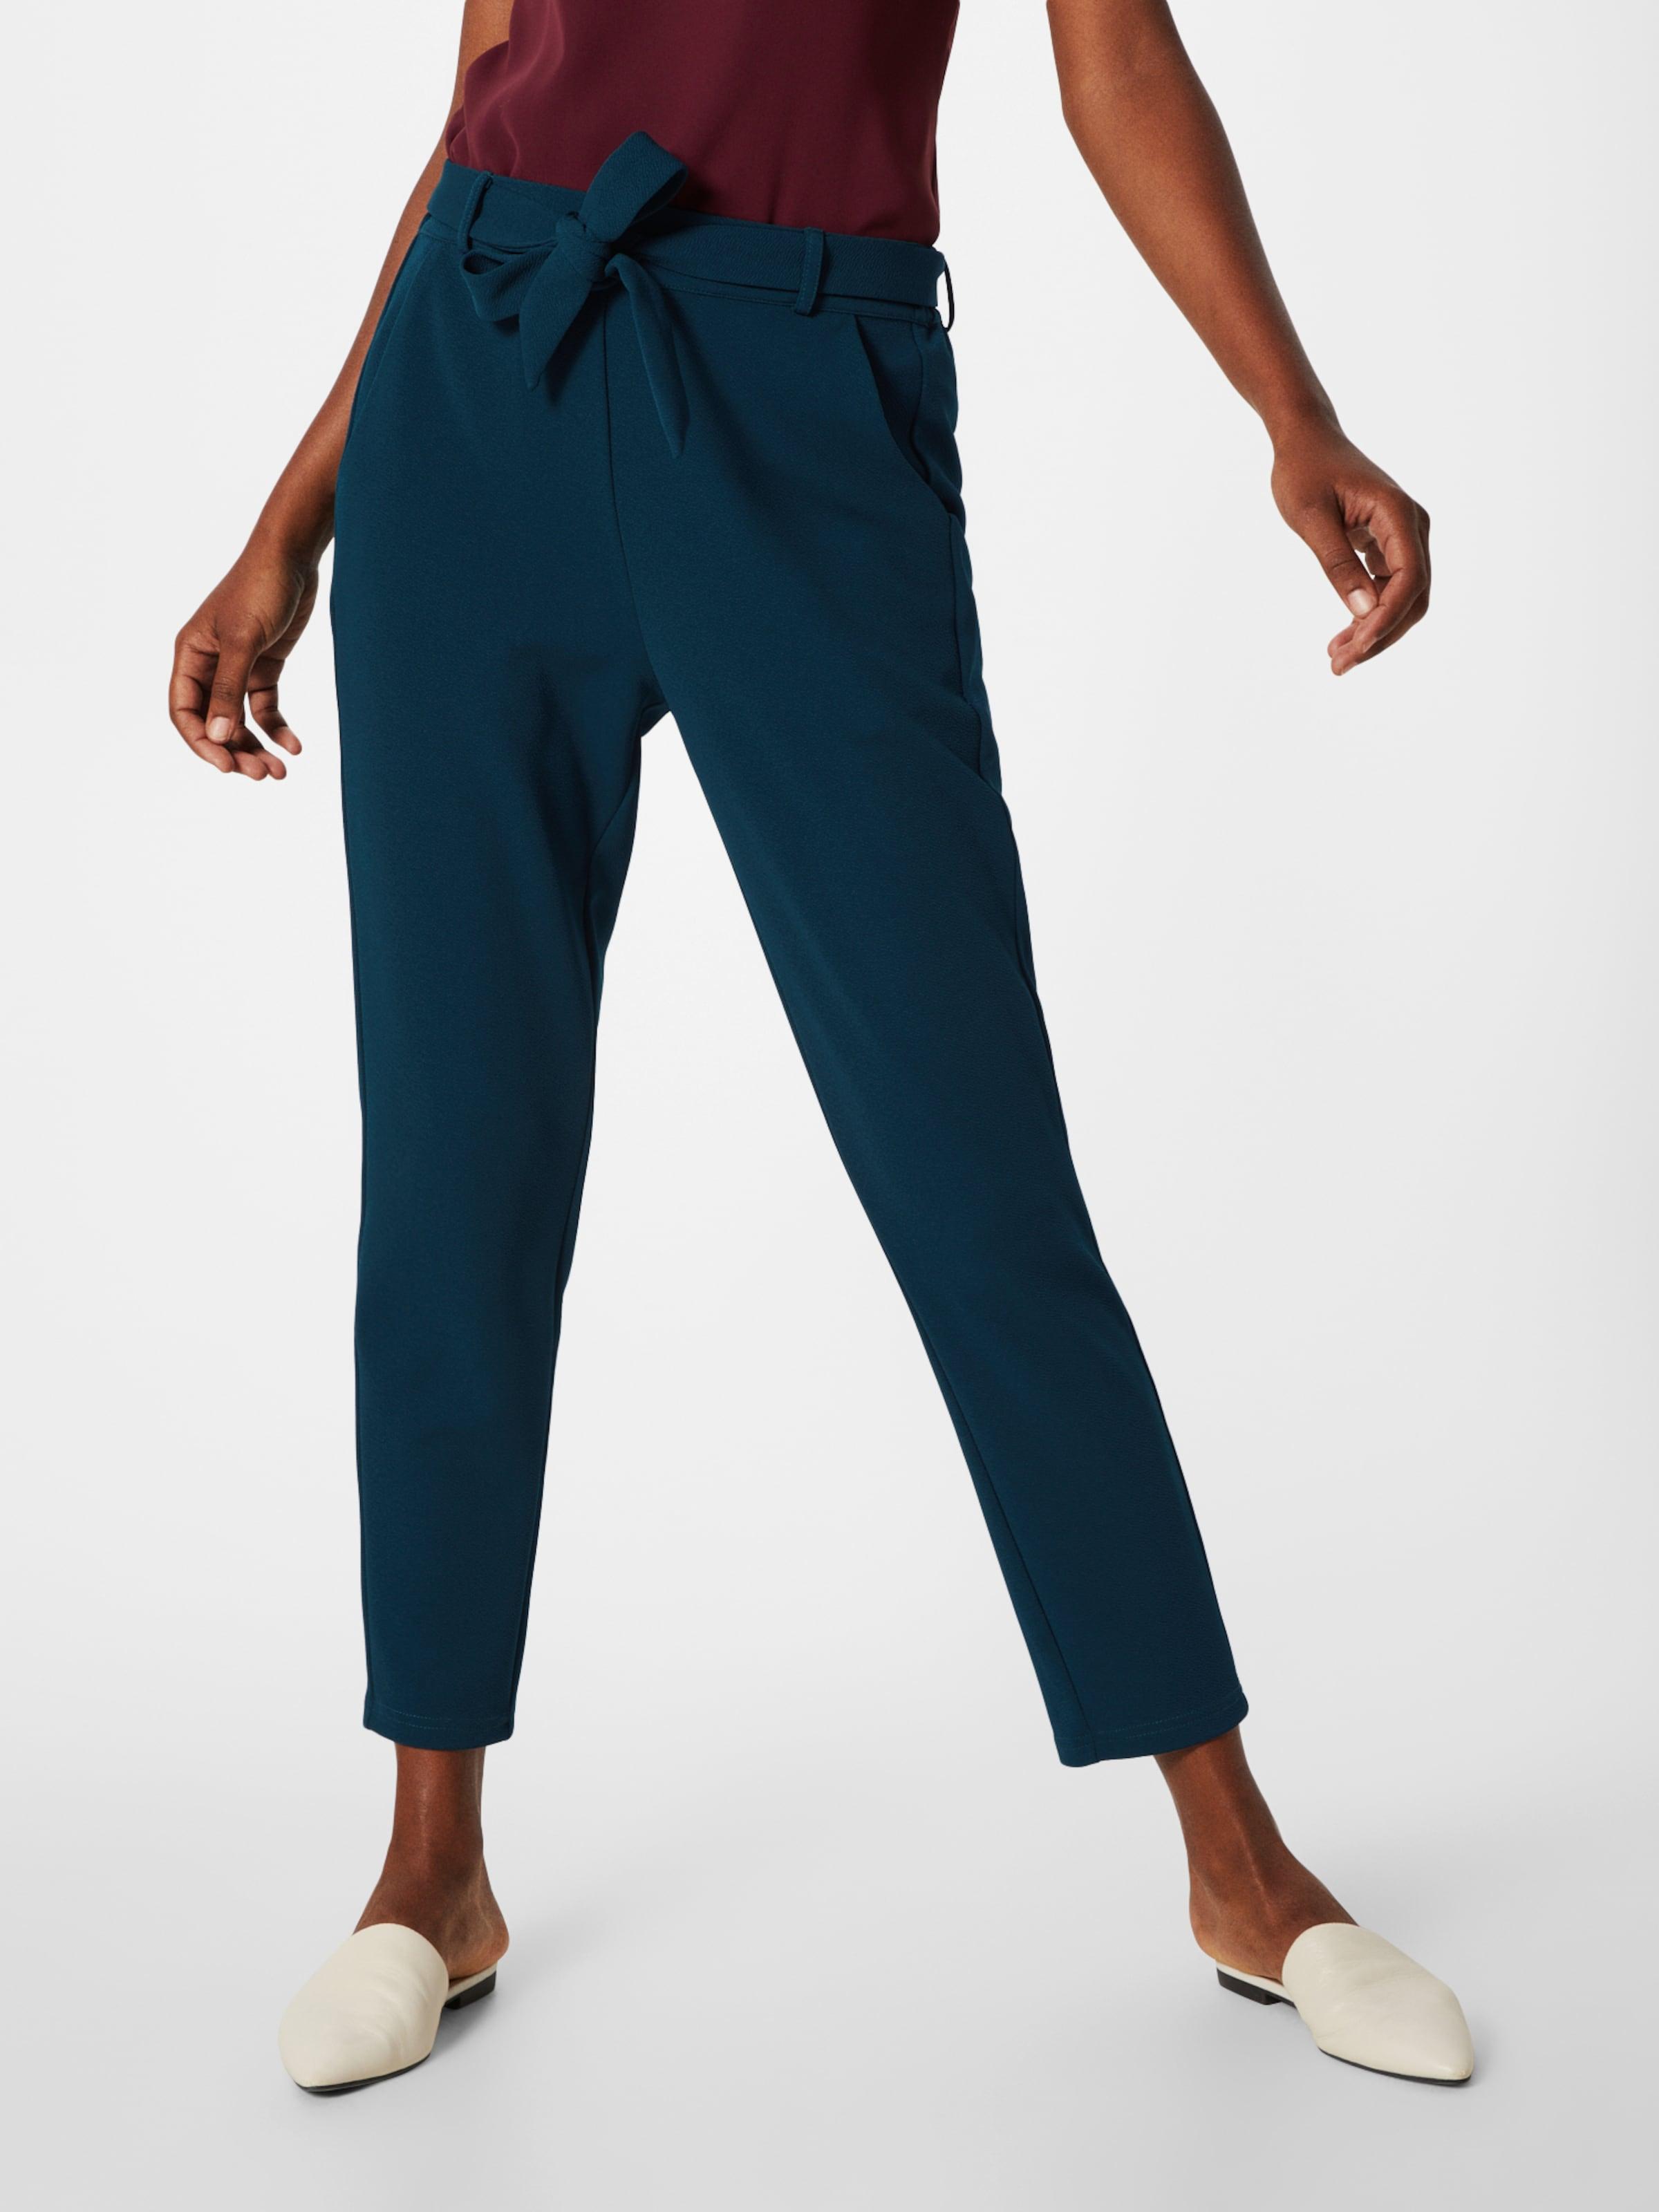 En About 'nahla' Pantalon You Noir SUzVMqpLG